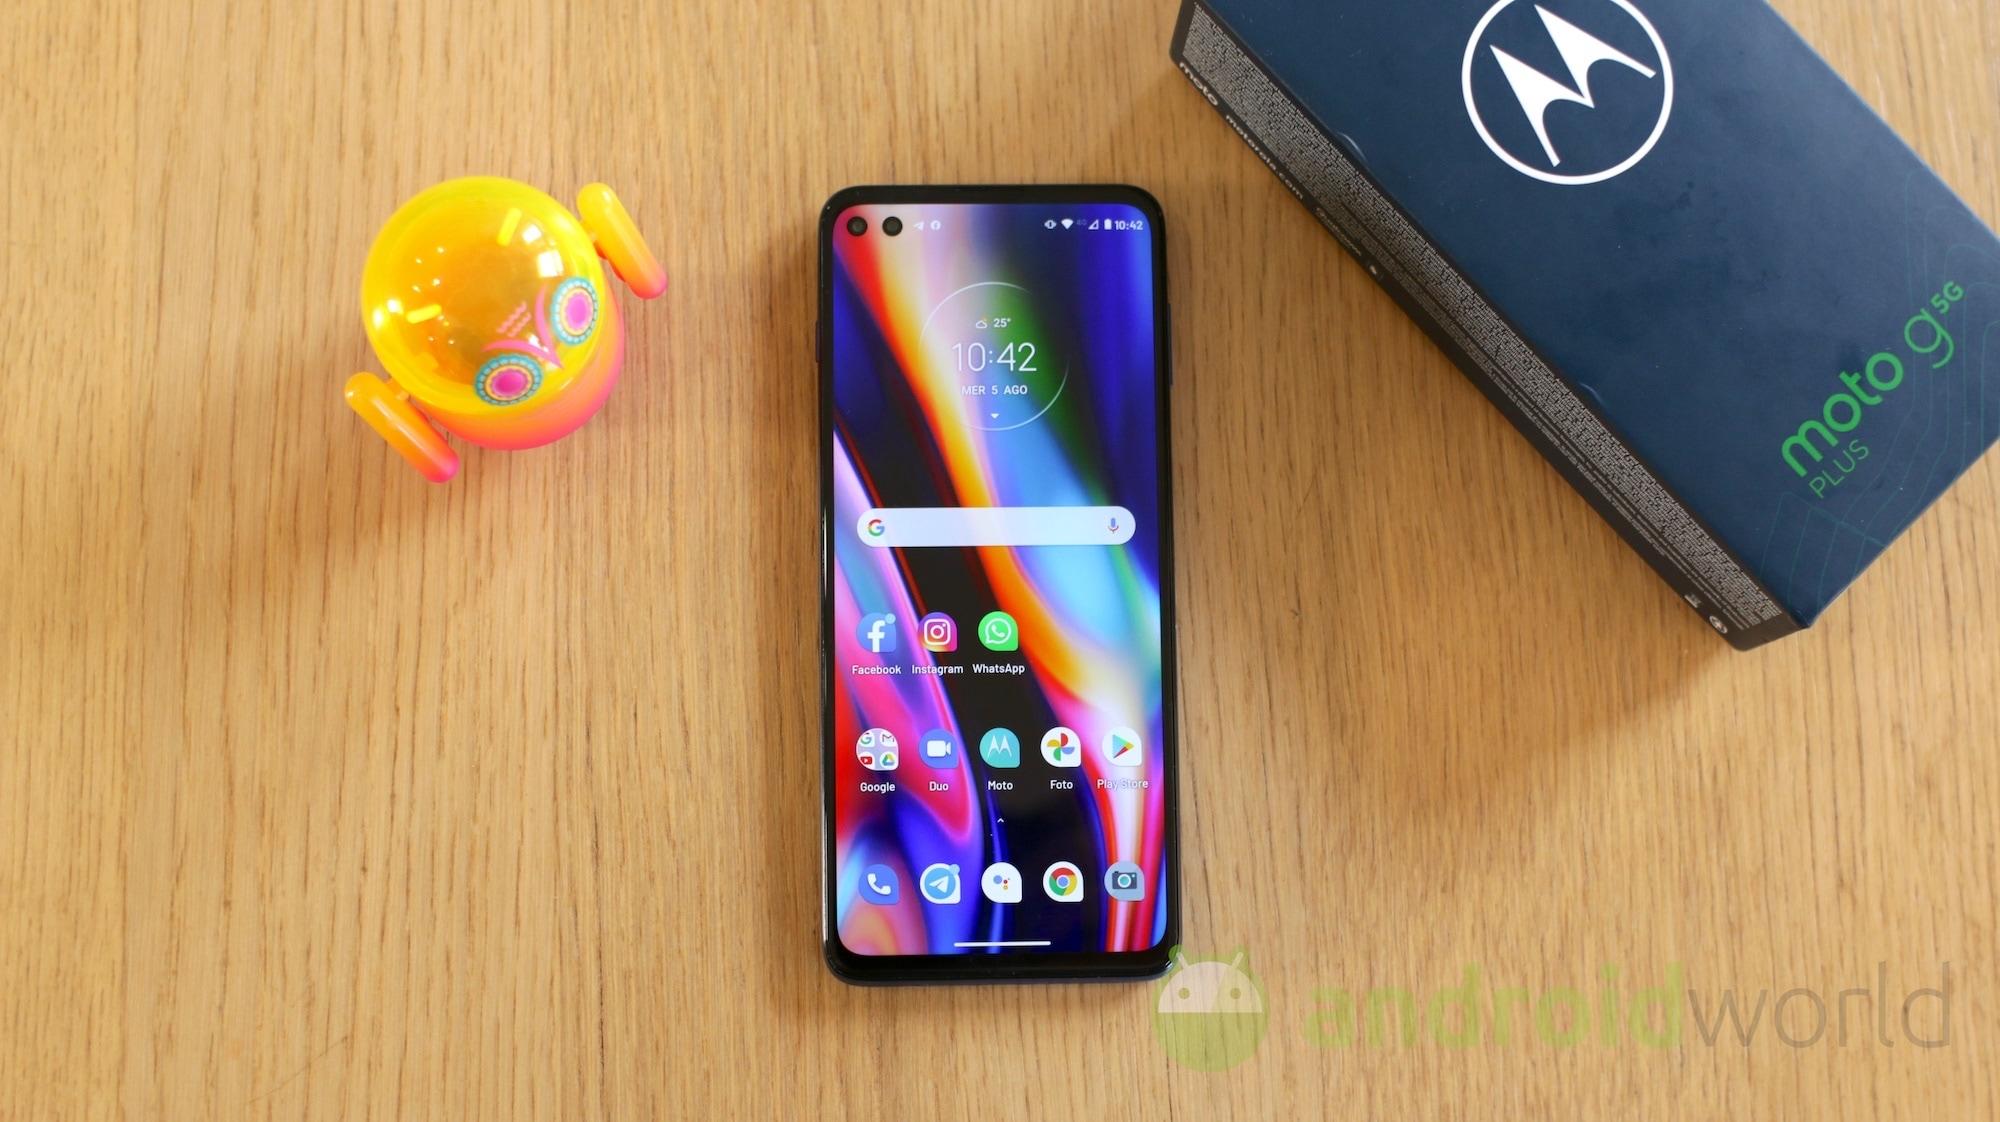 Solo 217€ per Motorola Moto G 5G Plus in super SCONTO su Amazon